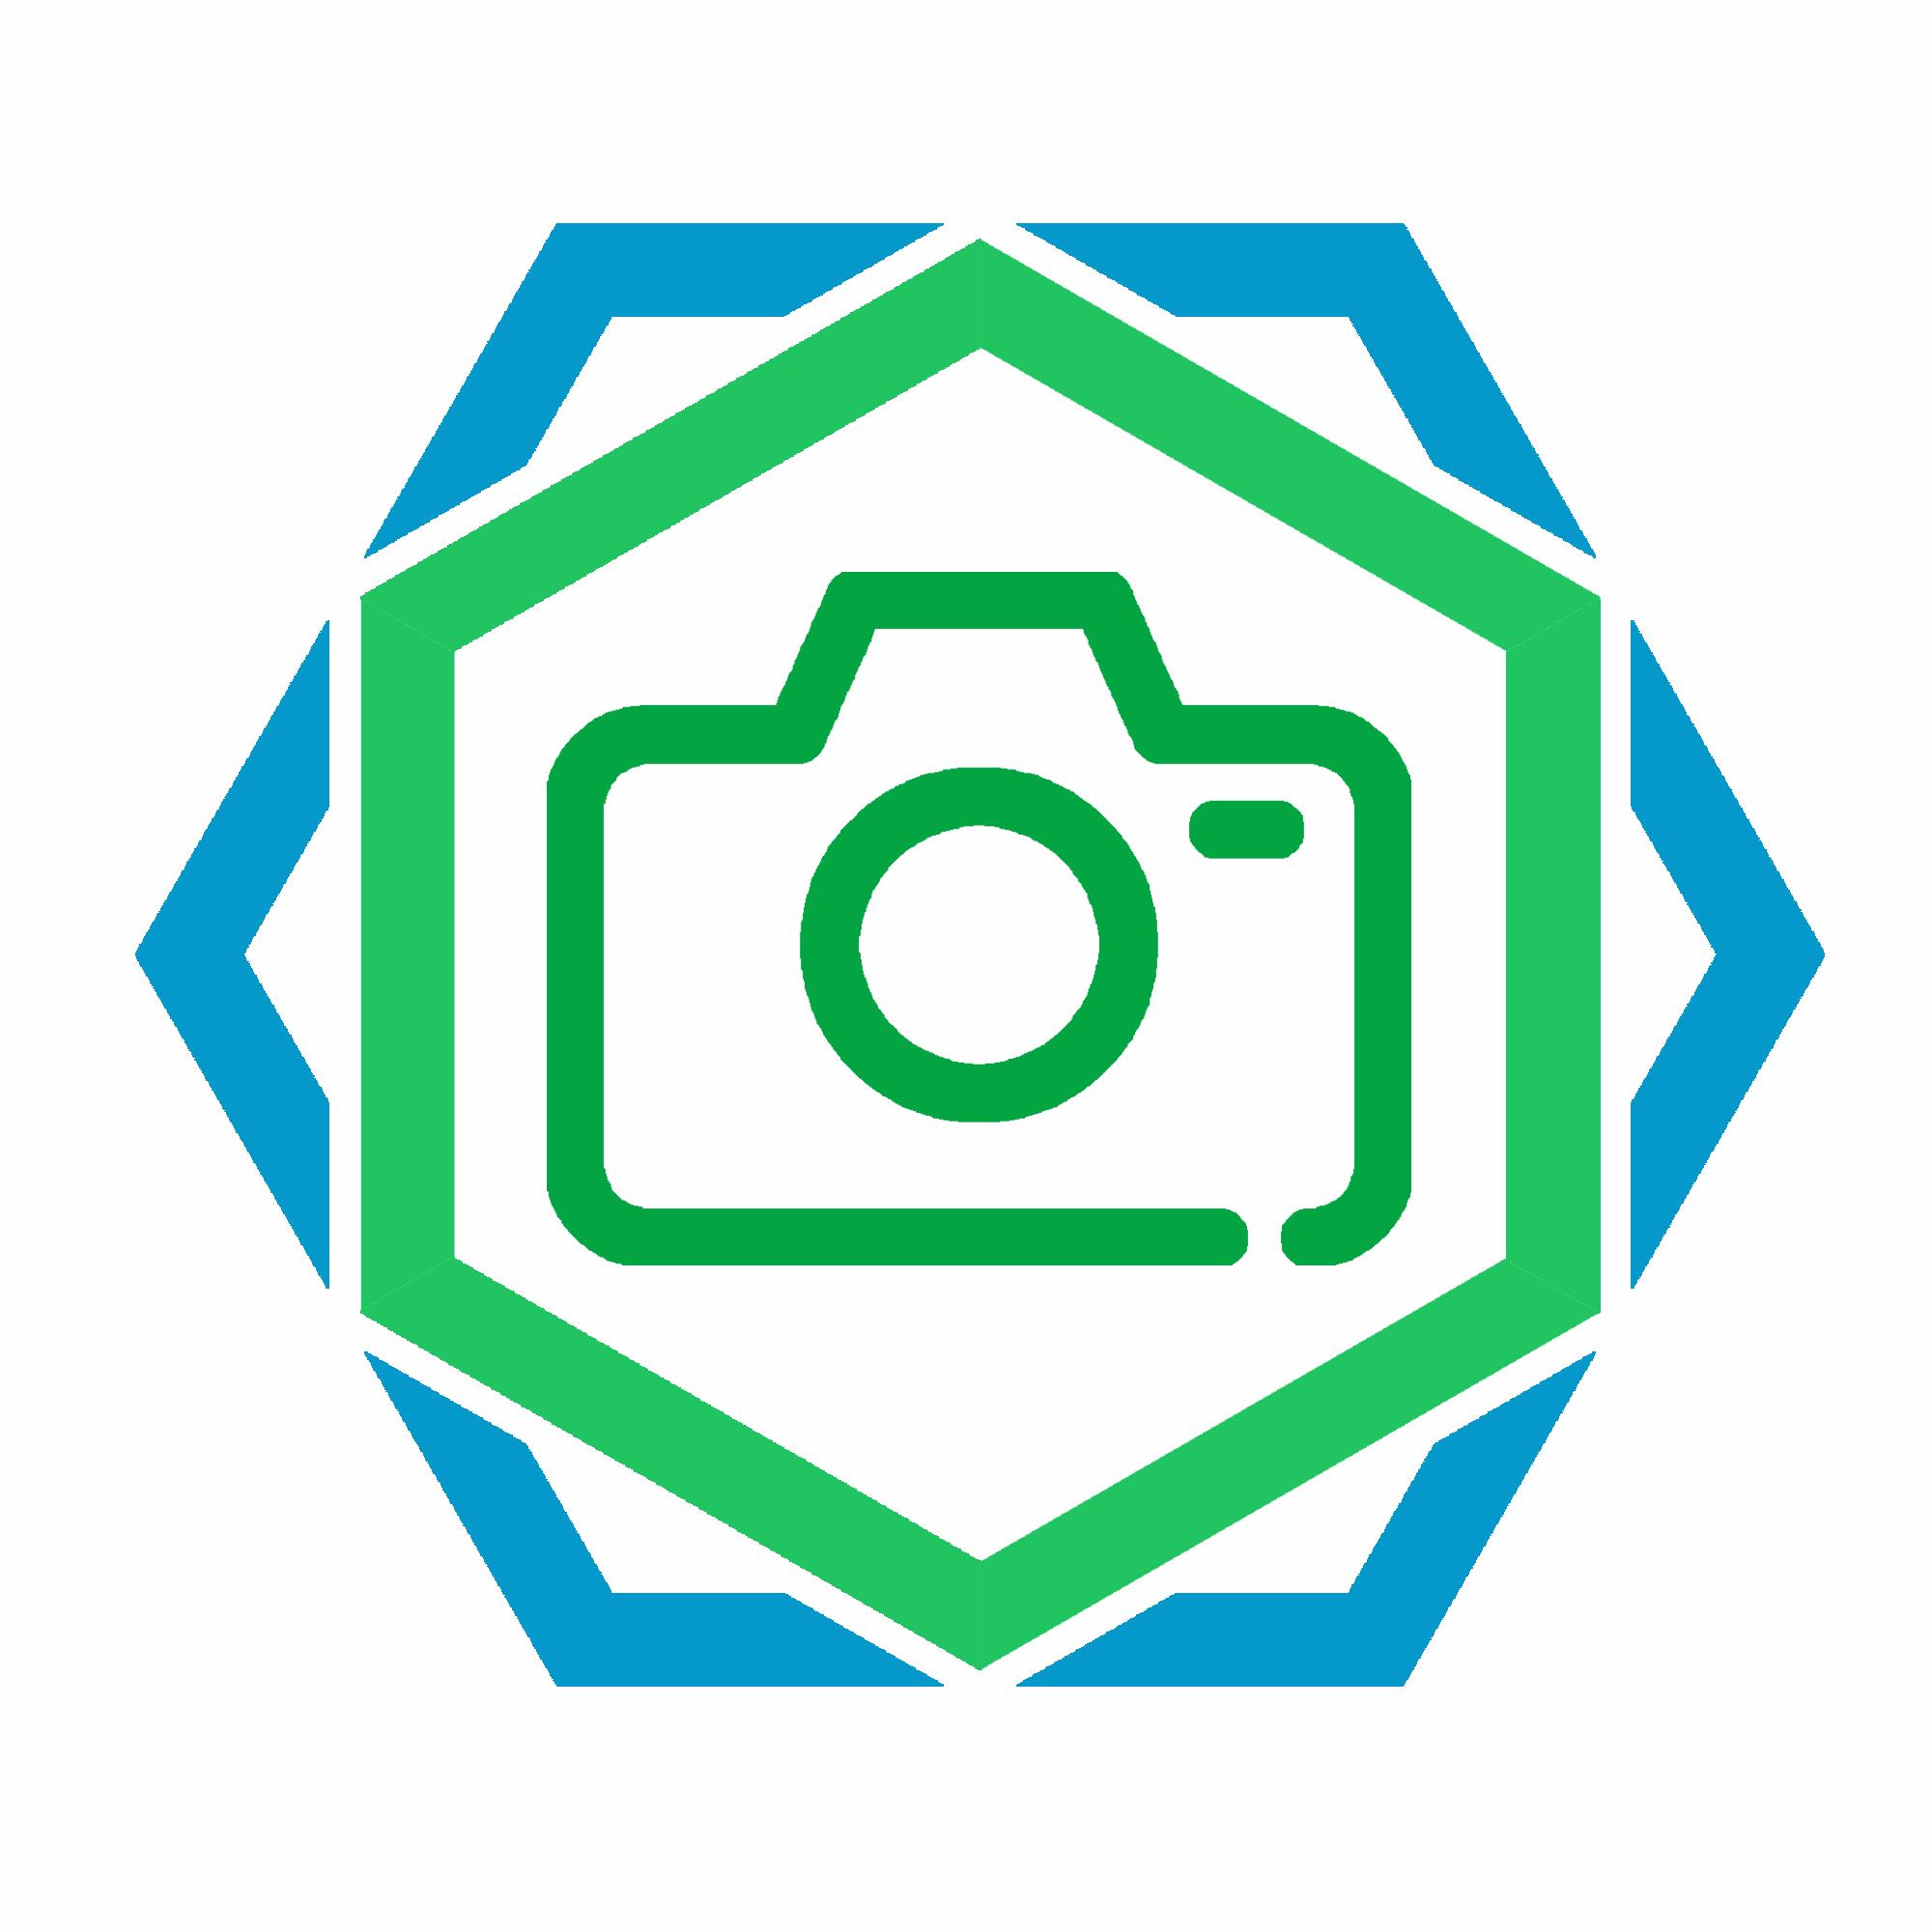 照片恢复工具app